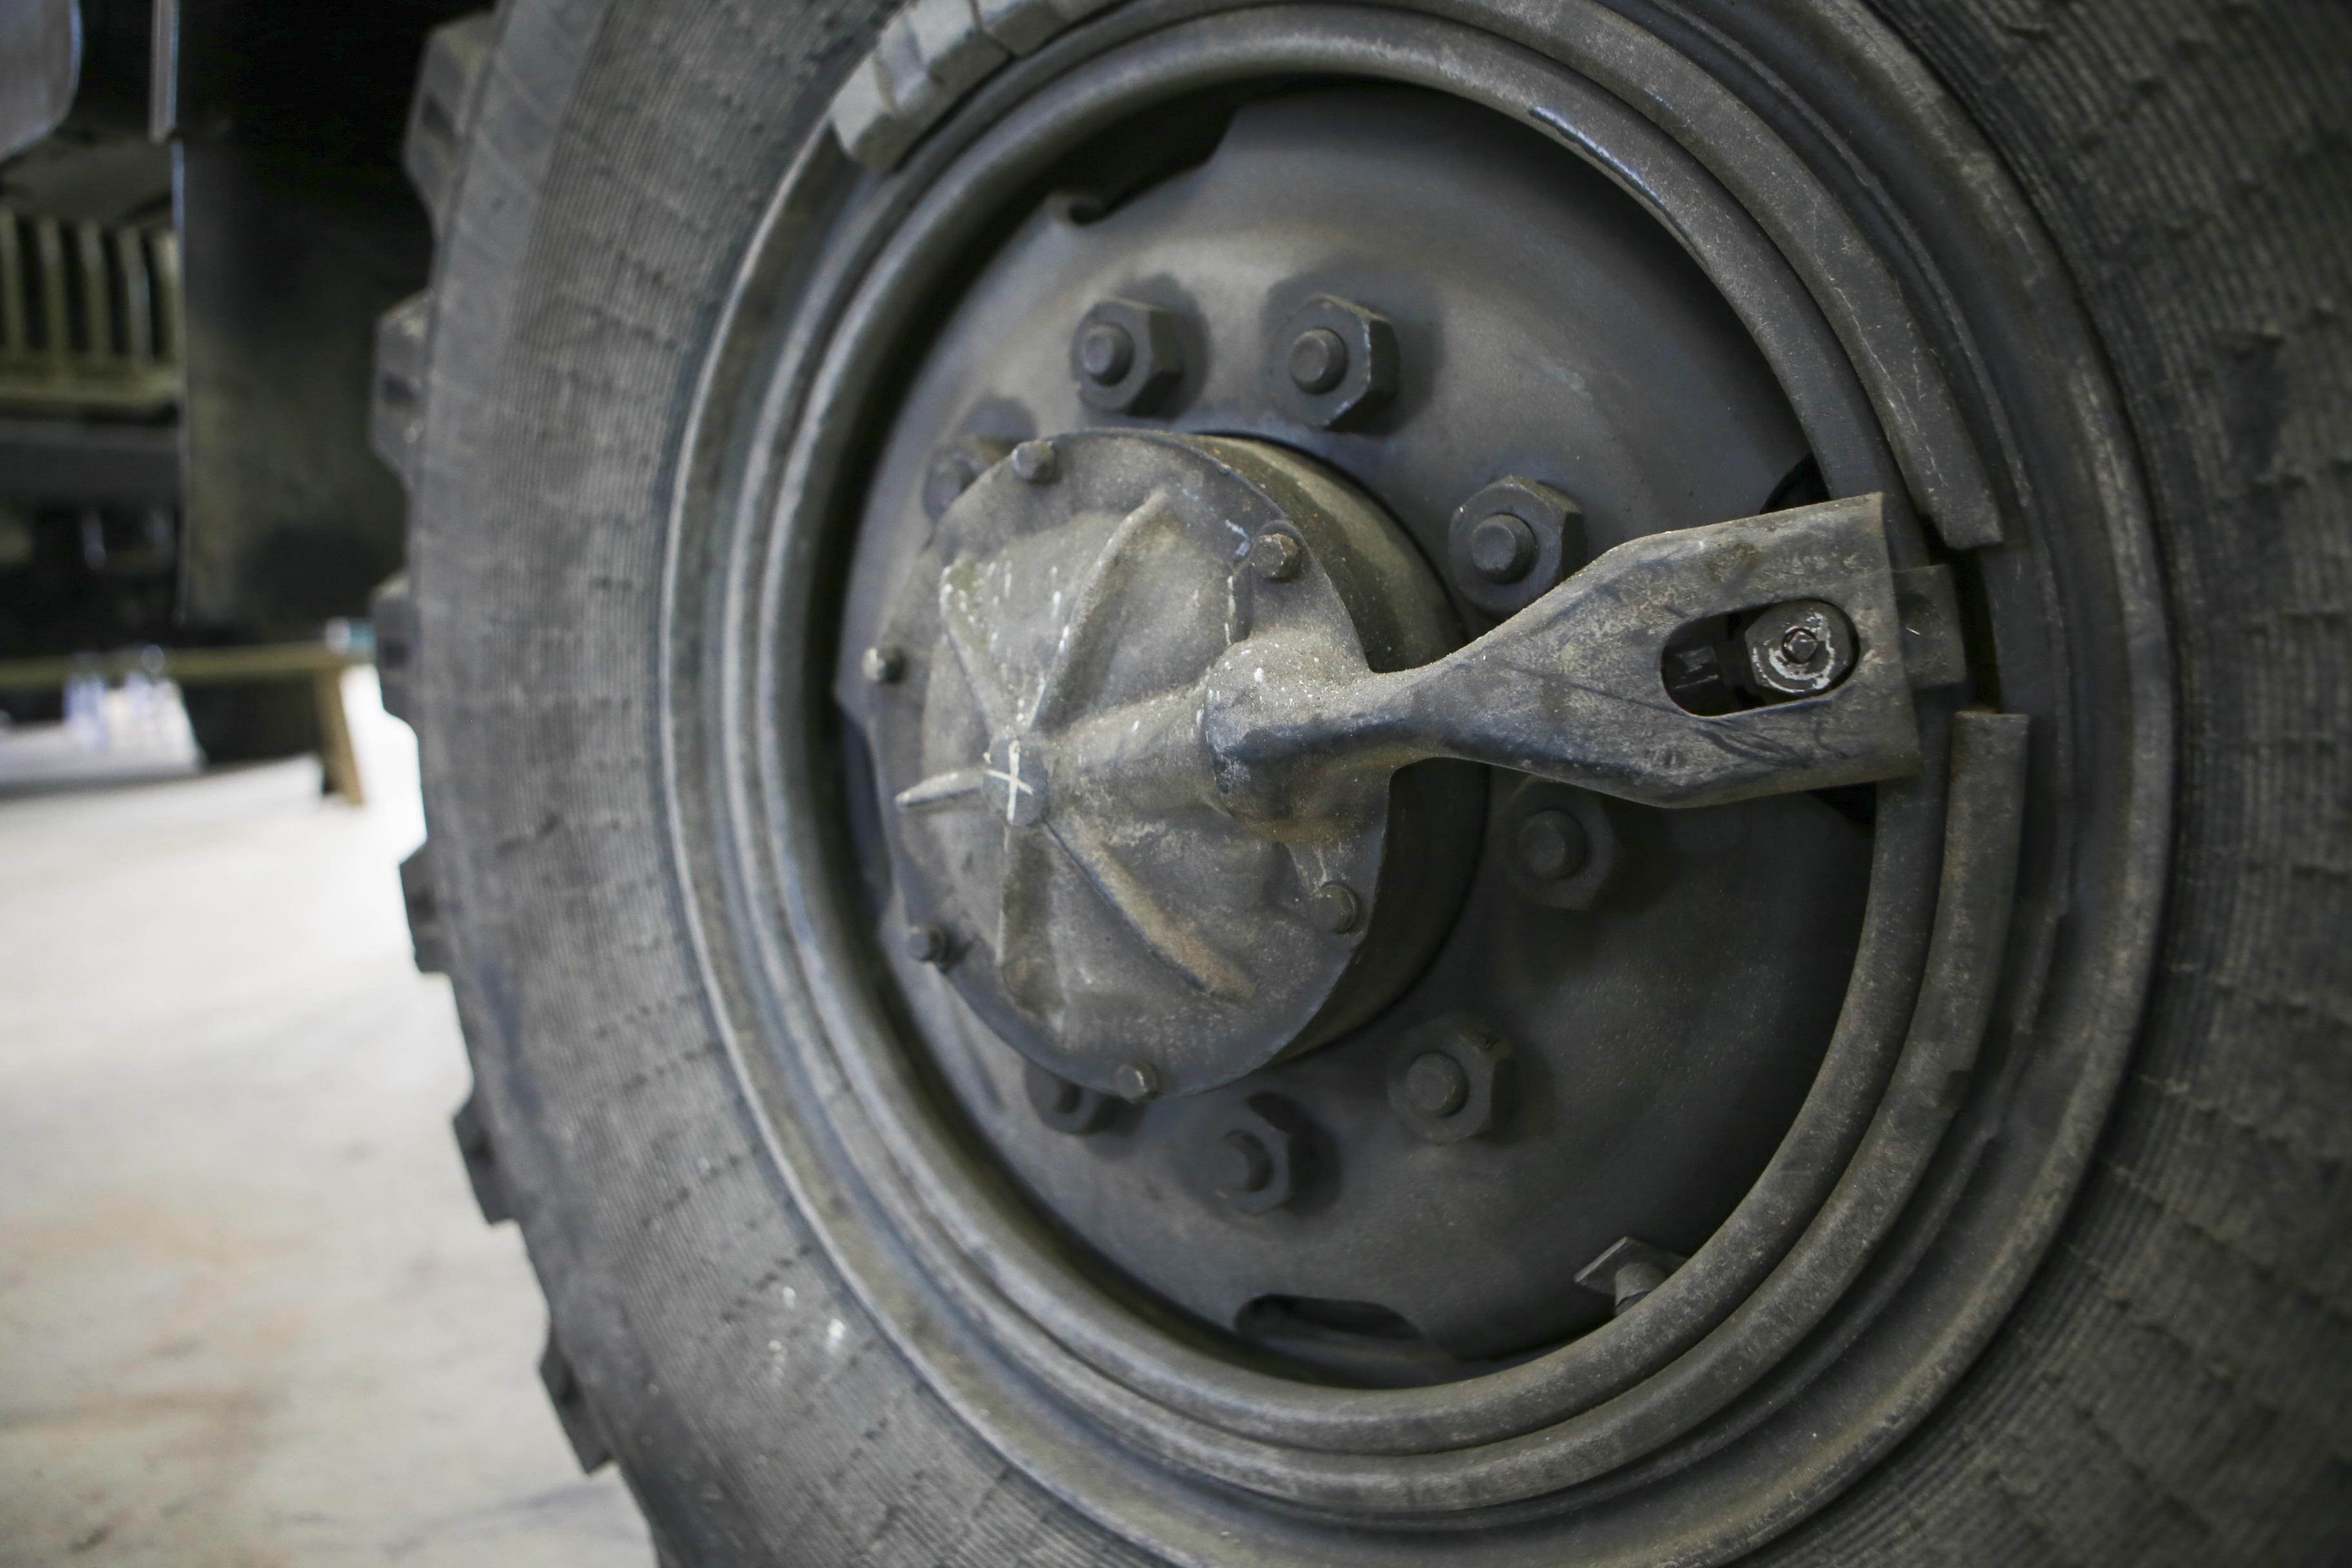 Khám phá xe công trình sửa chữa cơ khí tổng hợp của Quân đội Nhân dân Việt Nam - 9